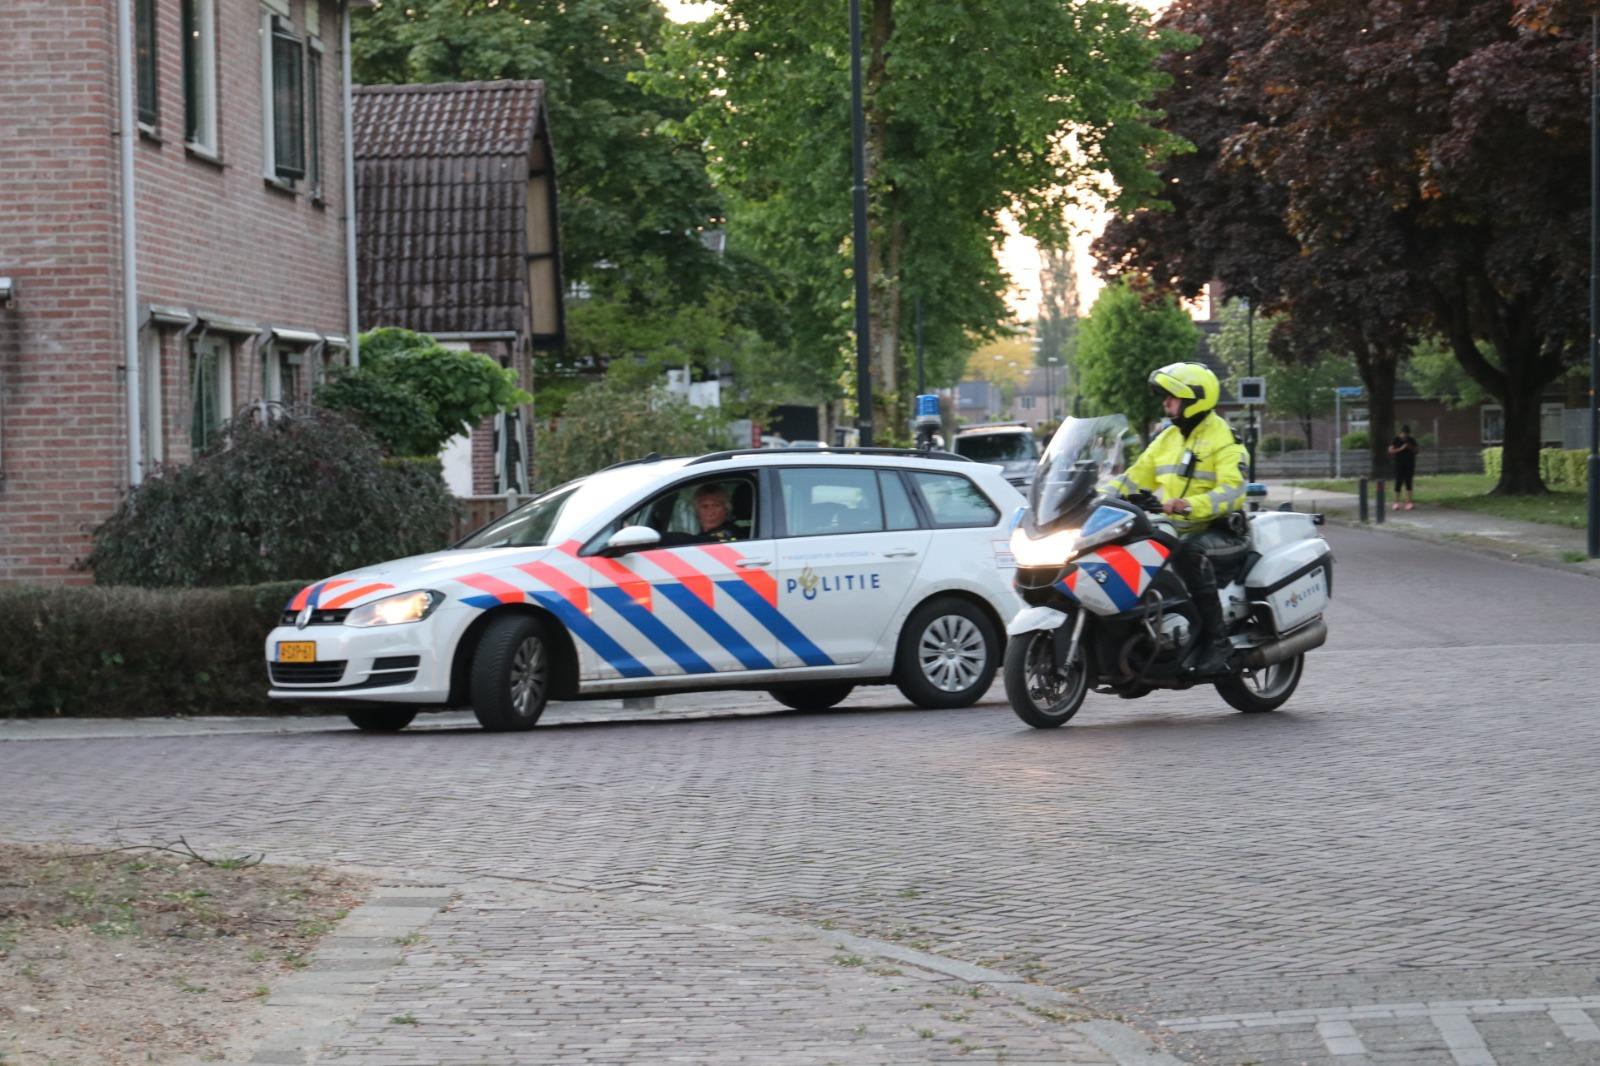 Politie raakt scooterrijder kwijt tijdens achtervolging door Apeldoorn Zuid